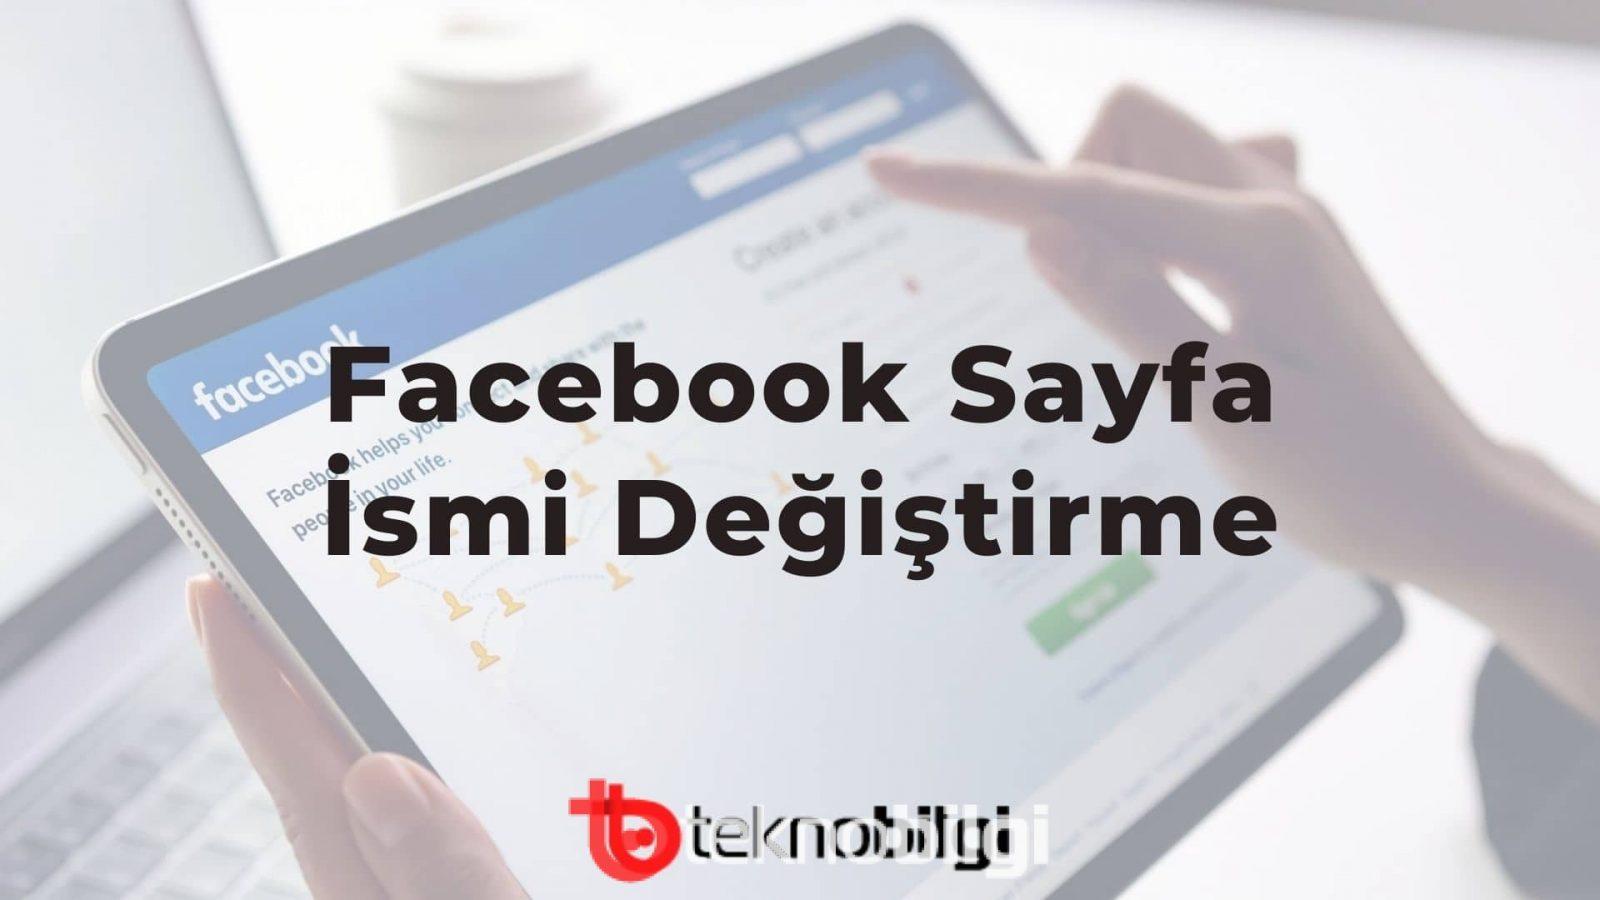 Facebook Sayfa İsmi Değiştirme 2021